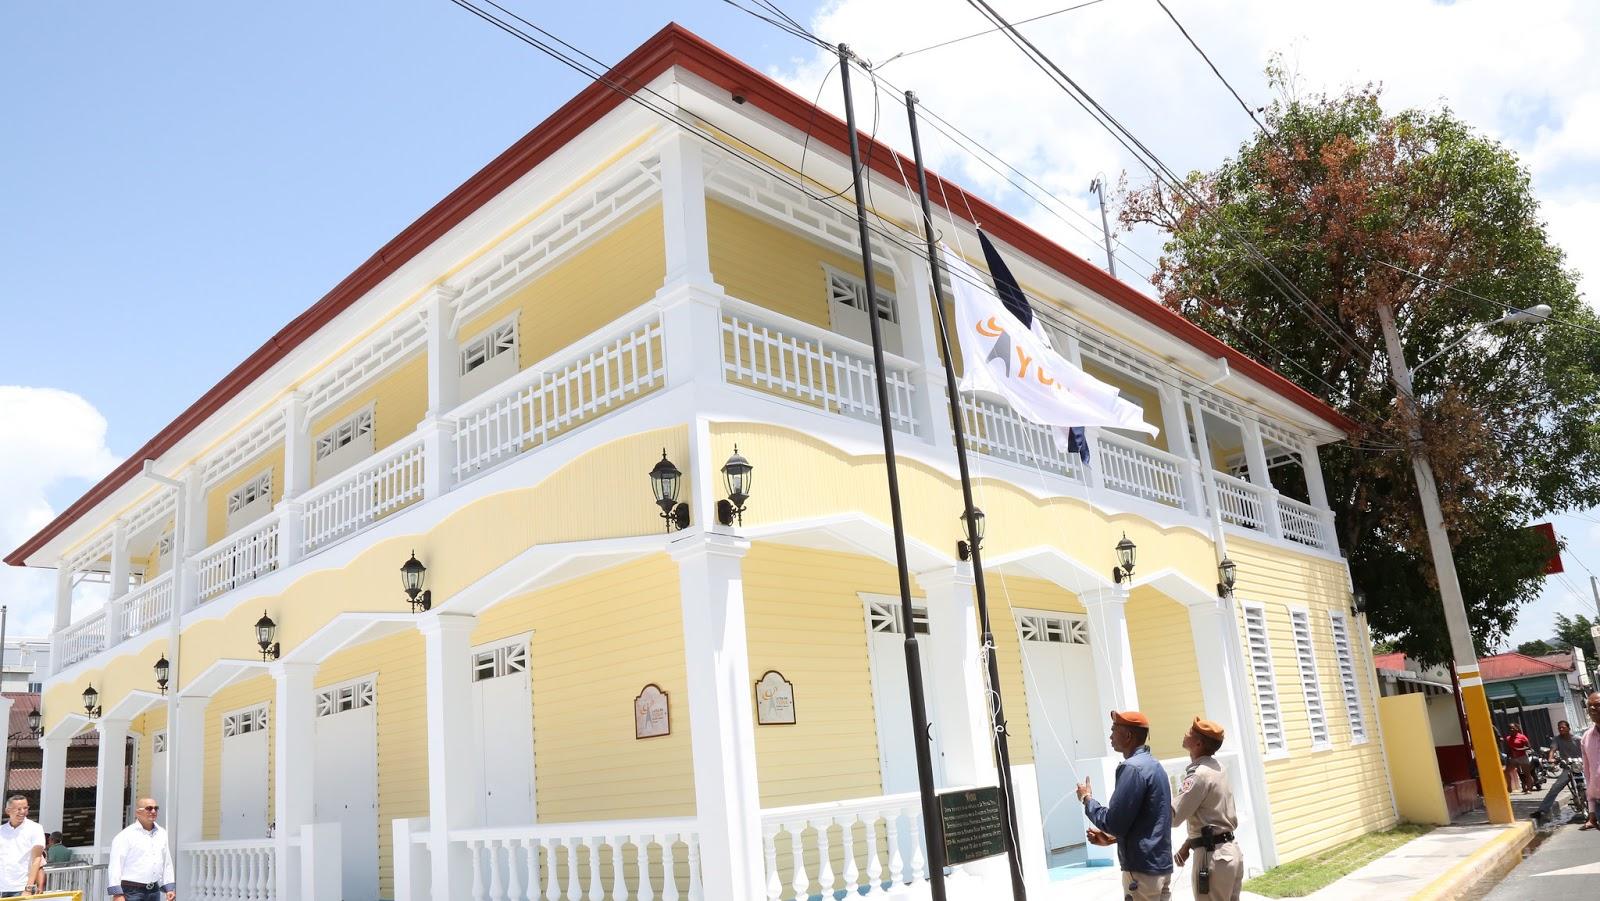 Resultado de imagen para la voz dominicana bonao